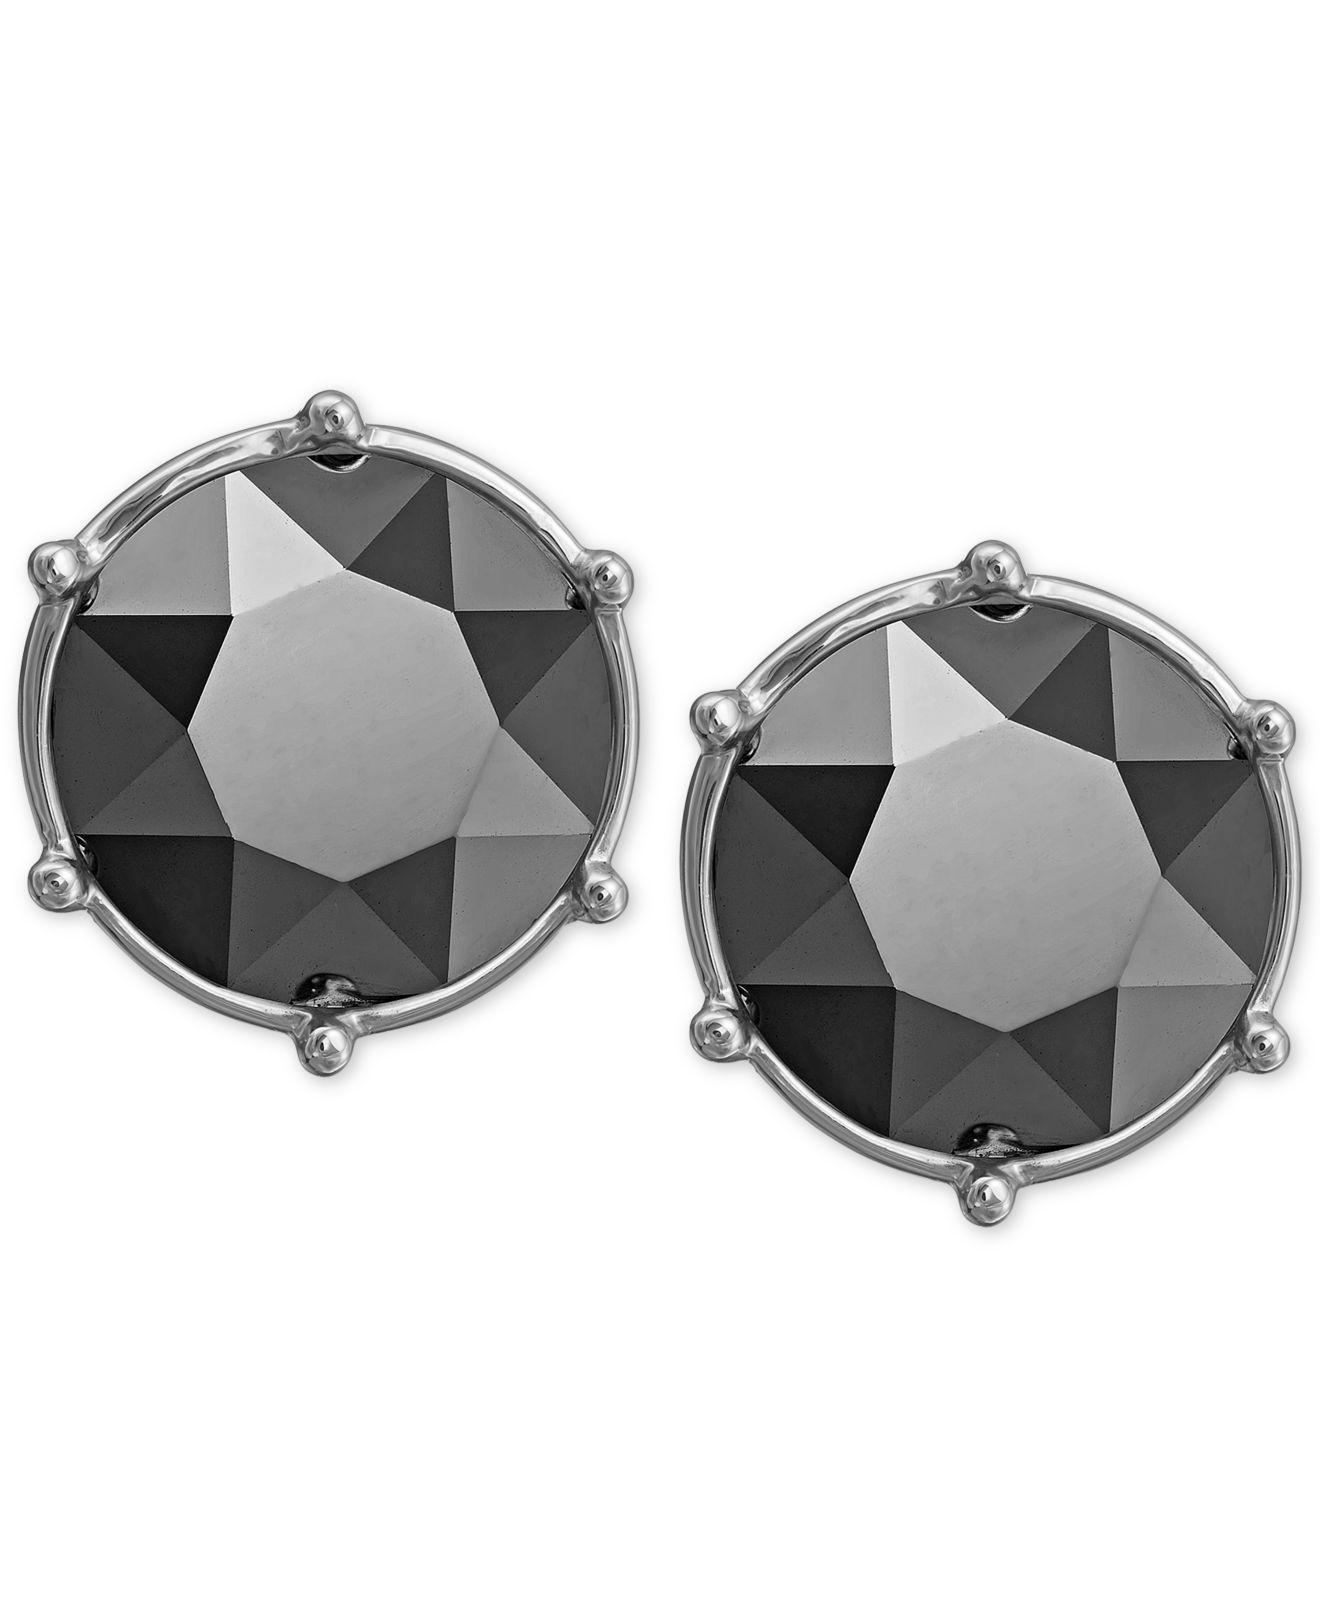 7f7f13f789bb2 Black Swarovski Stud Earrings - The Best Produck Of Earring